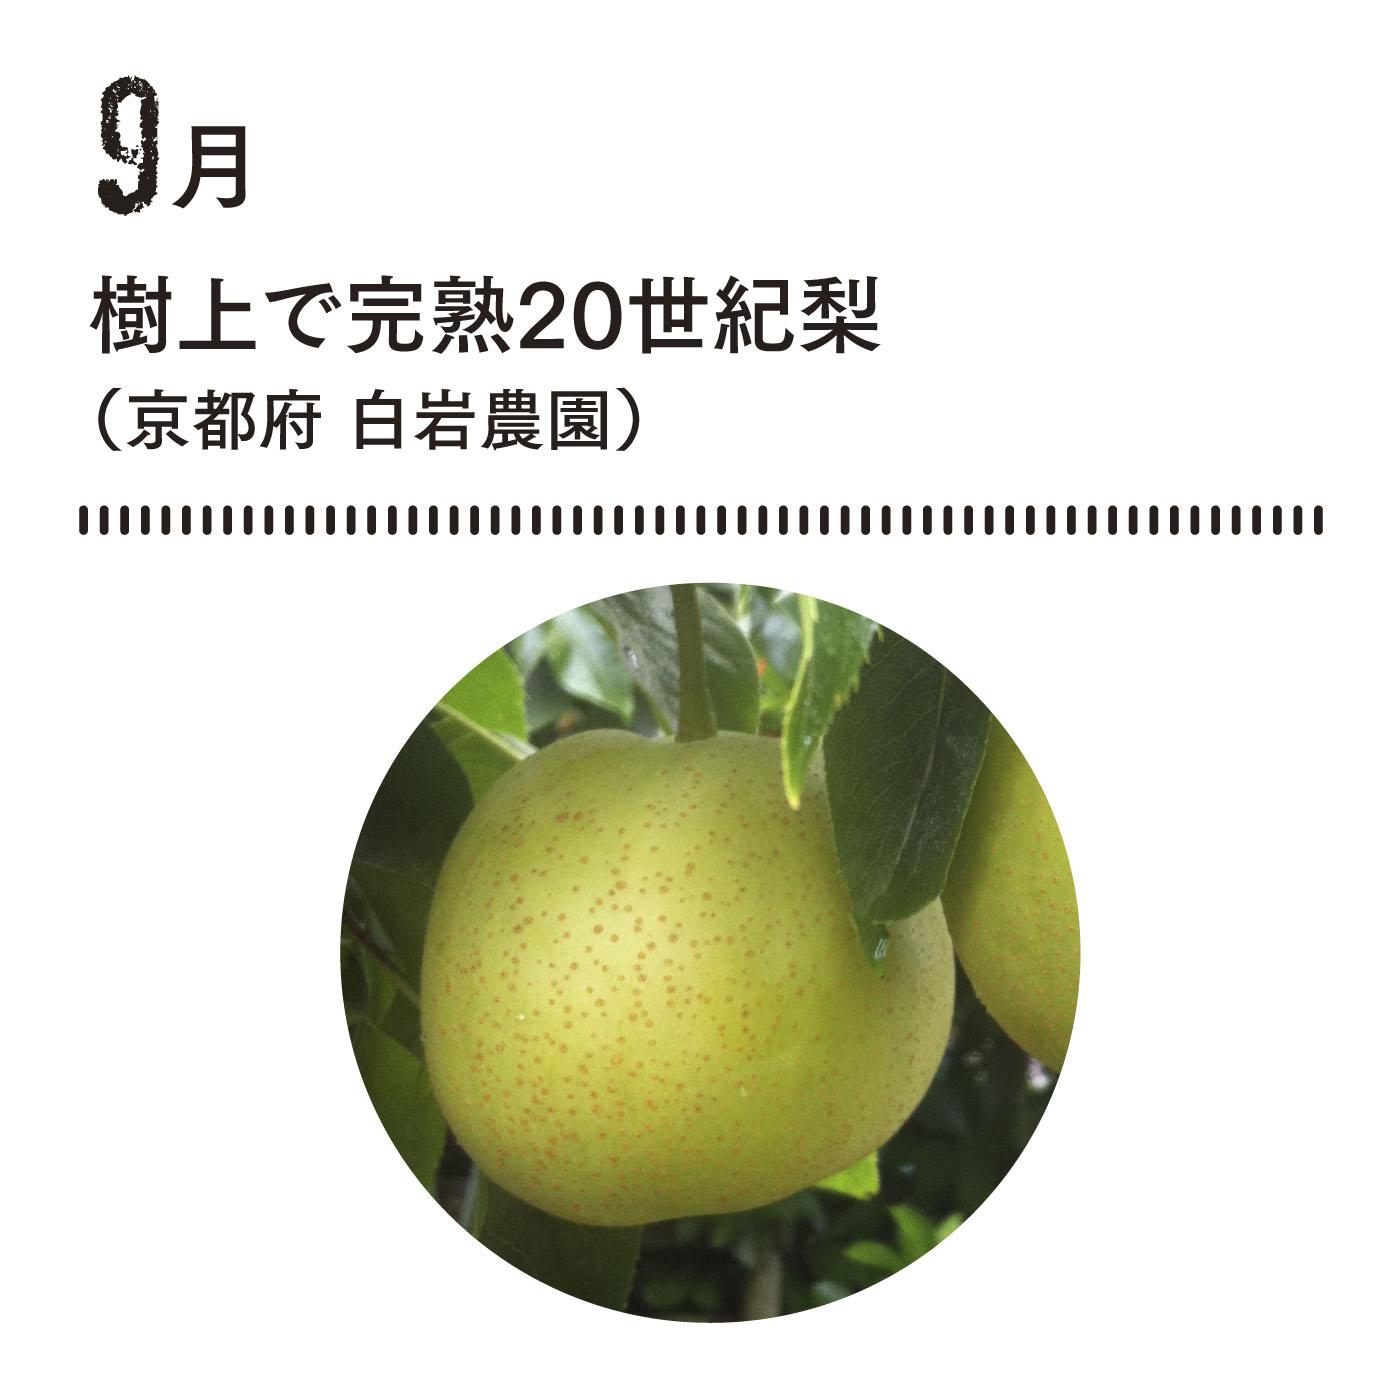 海風を受けて育った梨は水分たっぷりさわやかな甘さ。 完熟のため少し黄色味をおびます。■お届け時期 9月中〜下旬 約1.7kg(5玉)